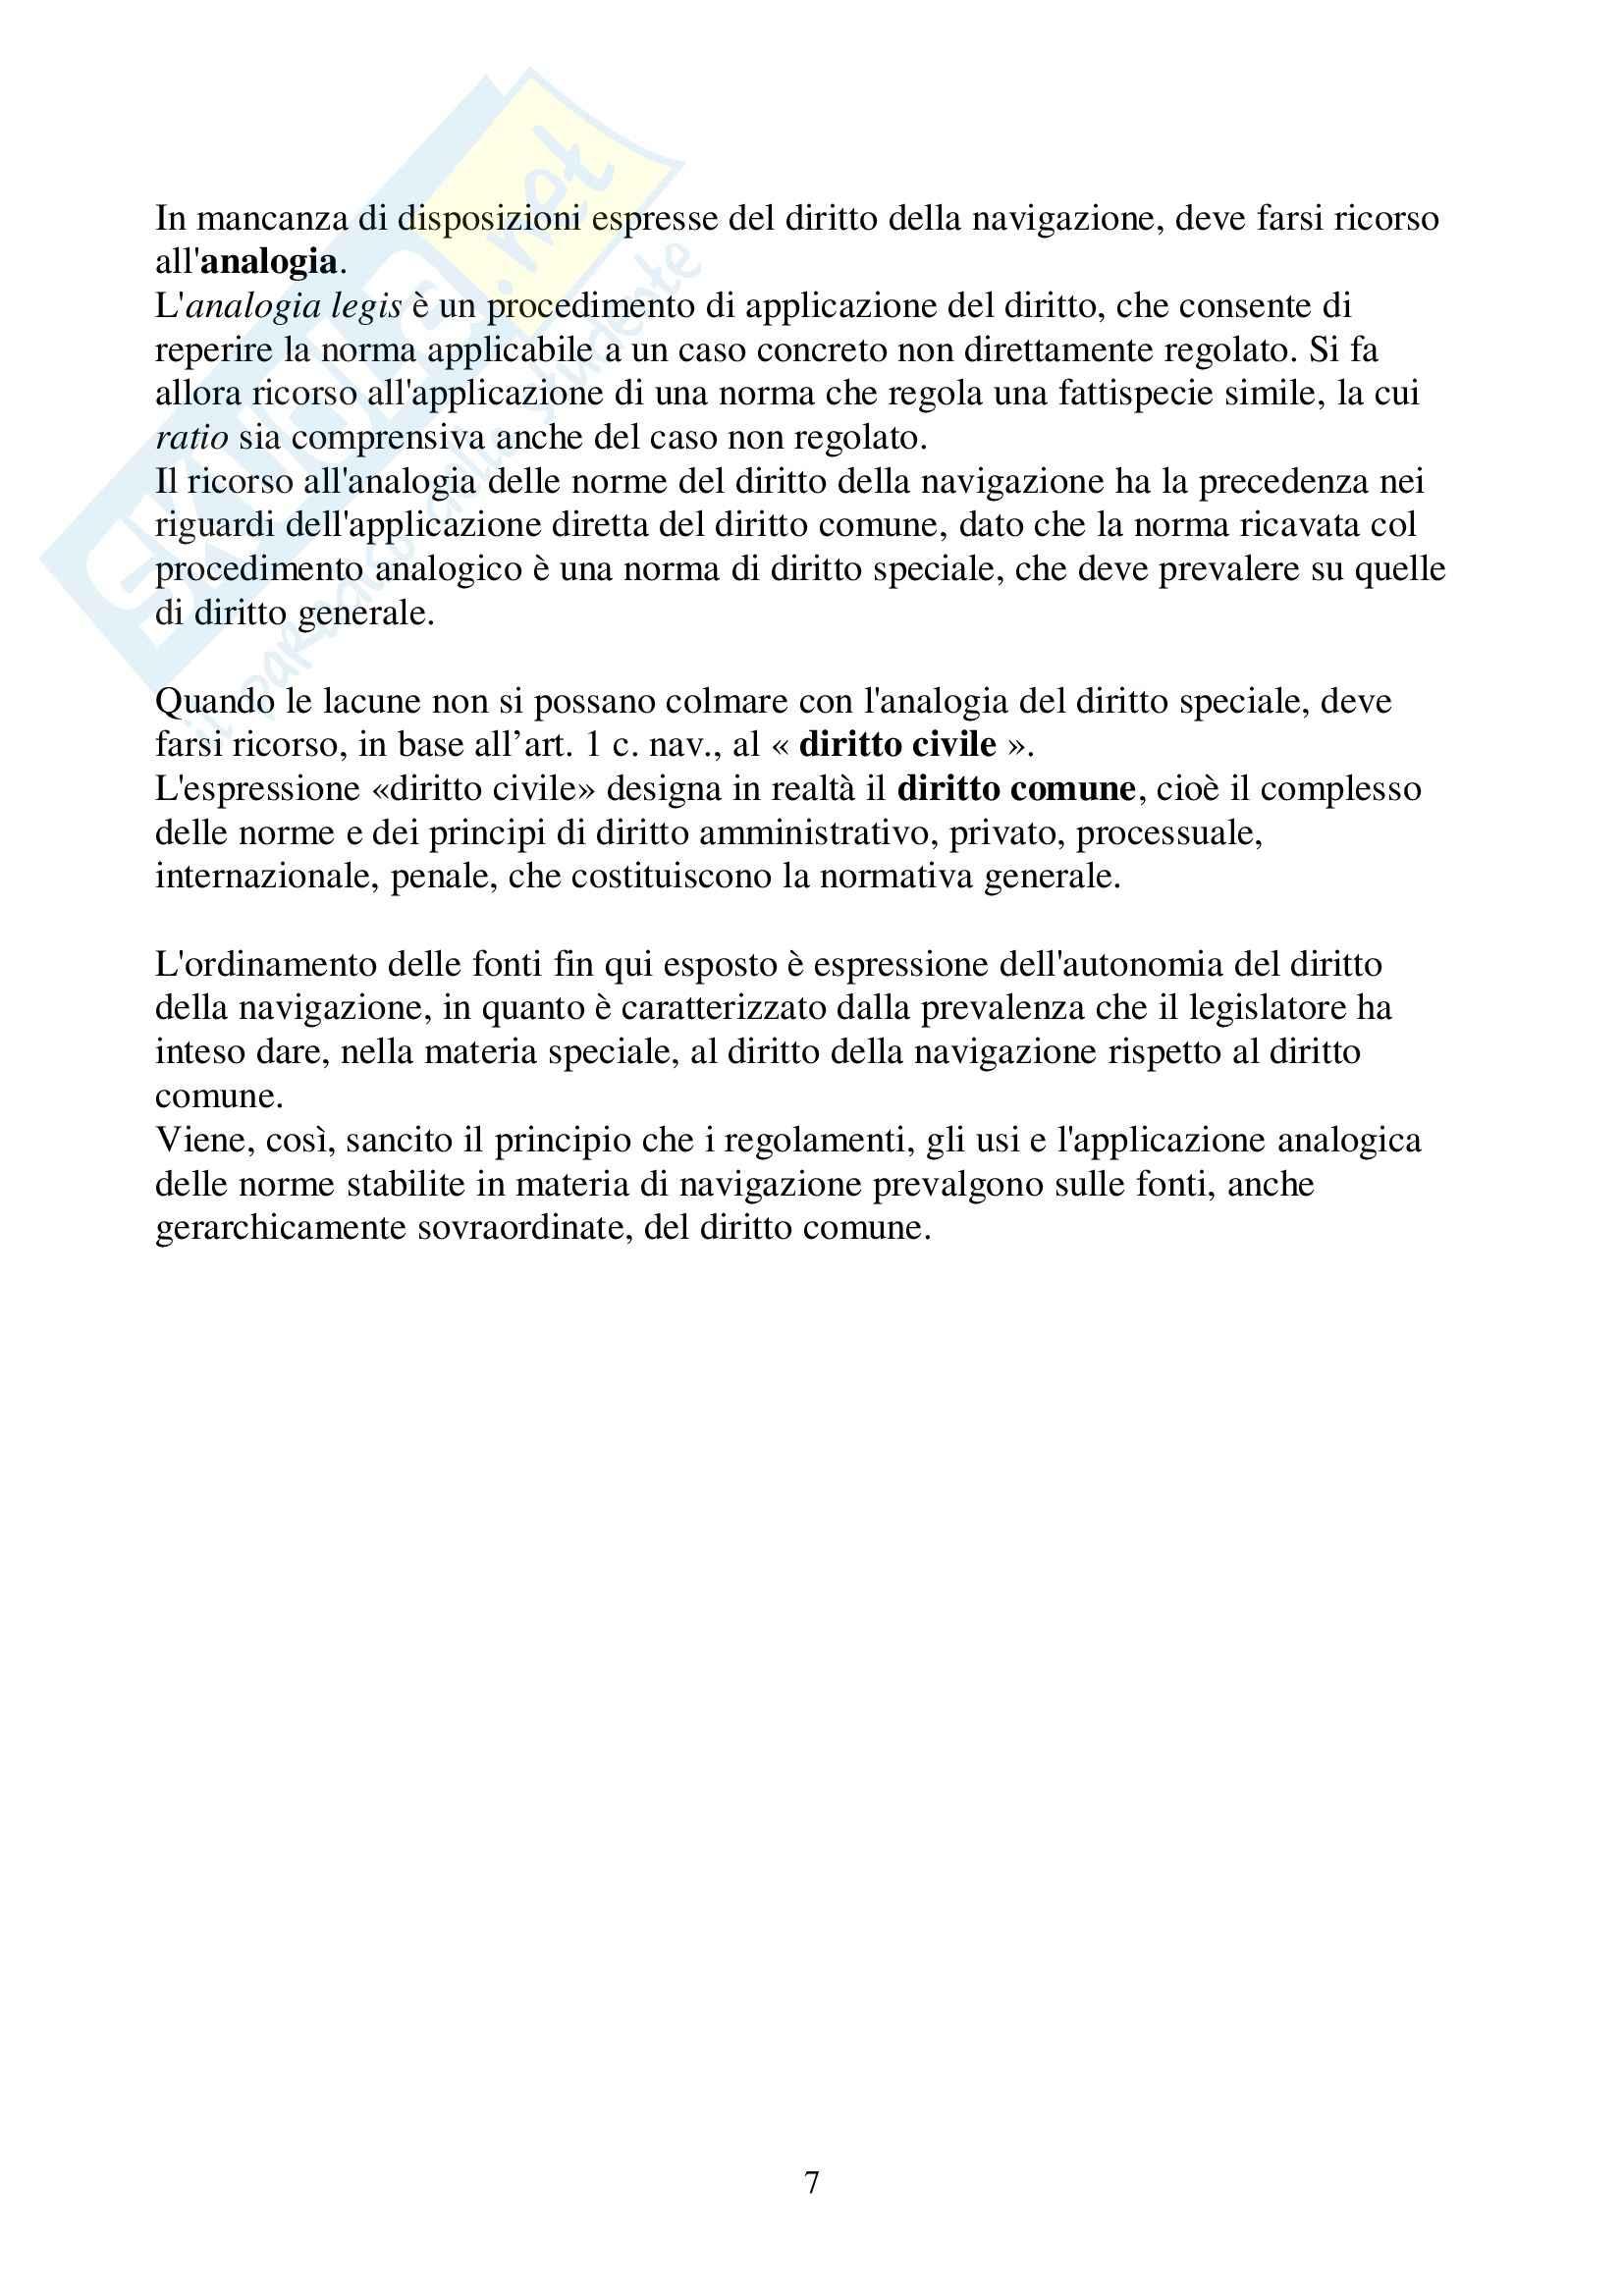 Riassunto esame Diritto alla Navigazione, prof. Carnimeo, libro consigliato Manuale di diritto alla navigazione, Pescatore, Tullio Pag. 6